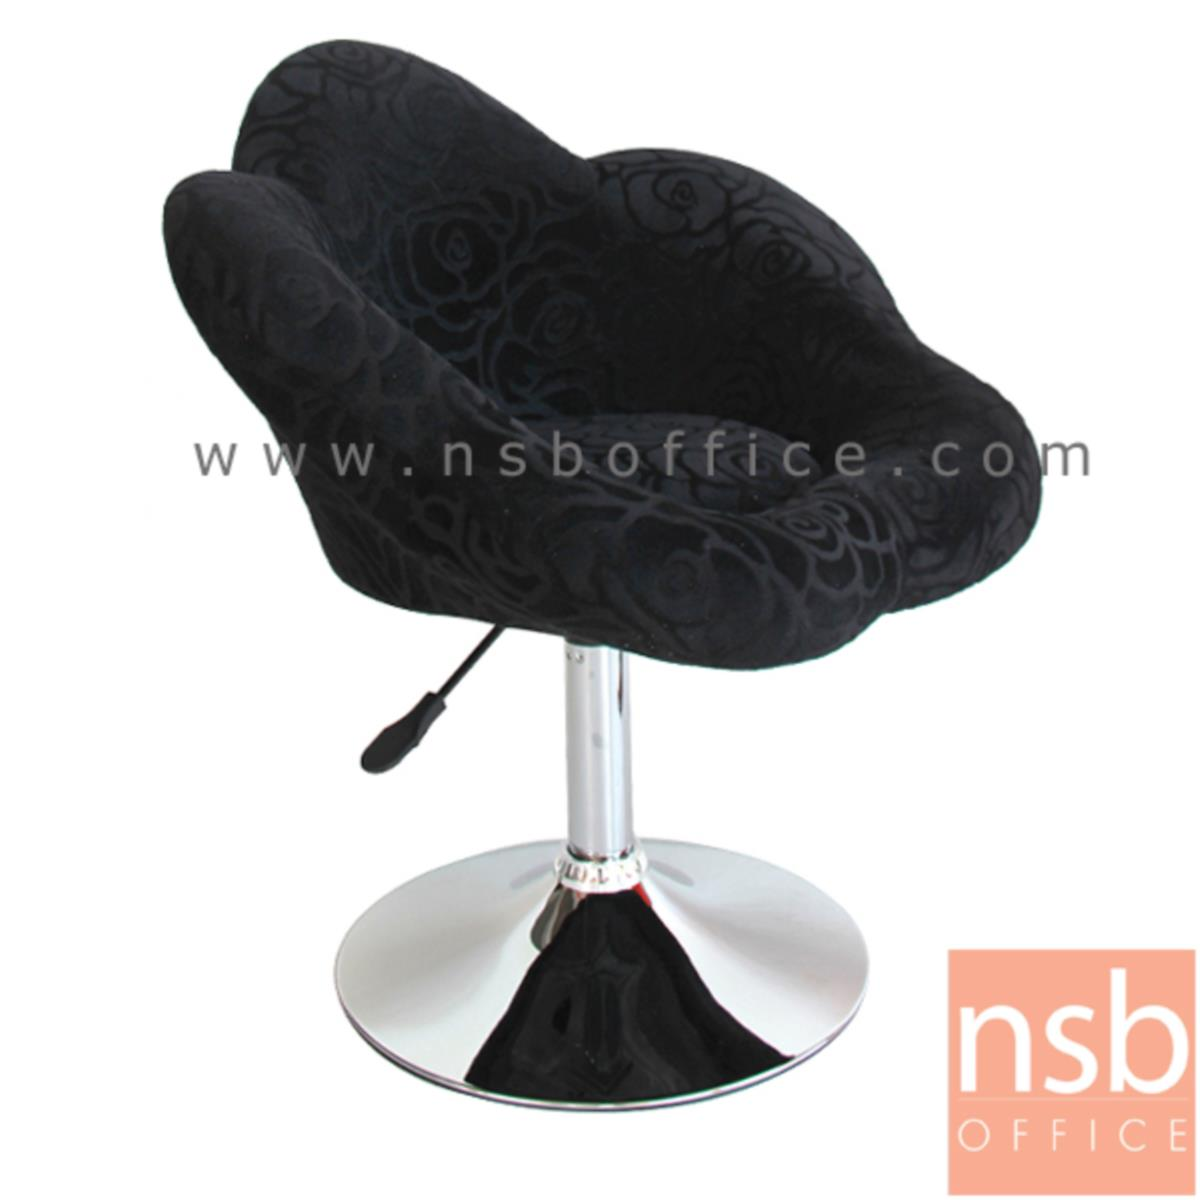 B29A193:เก้าอี้โมเดิร์นหุ้มผ้า รุ่น Saloniki (ซาโลนีกี) ขนาด 70W cm. โช๊คแก๊ส โครงขาเหล็กชุบโครเมี่ยม